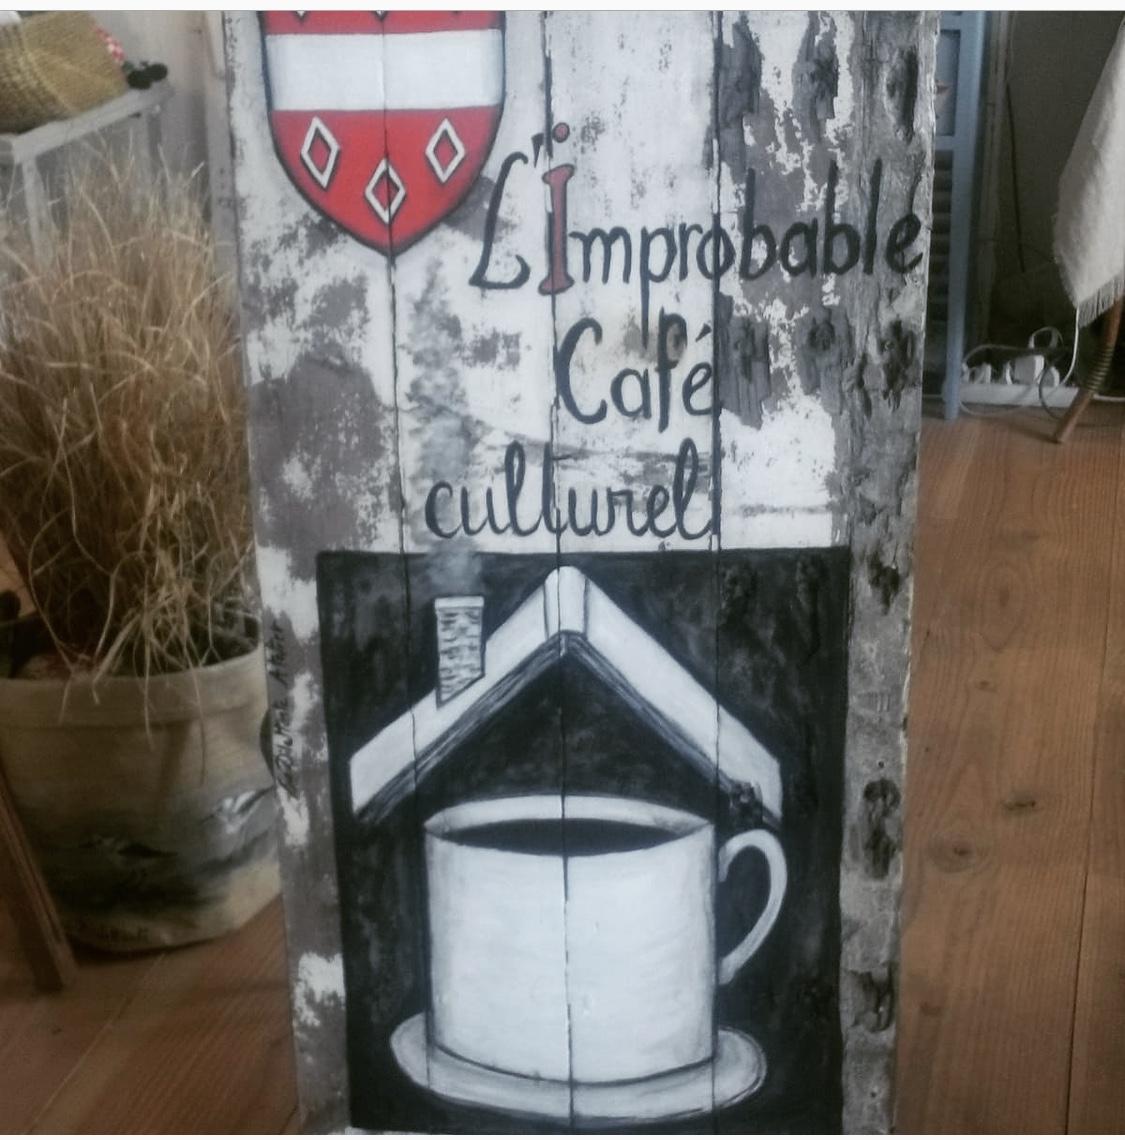 enseigne improbable café culturel